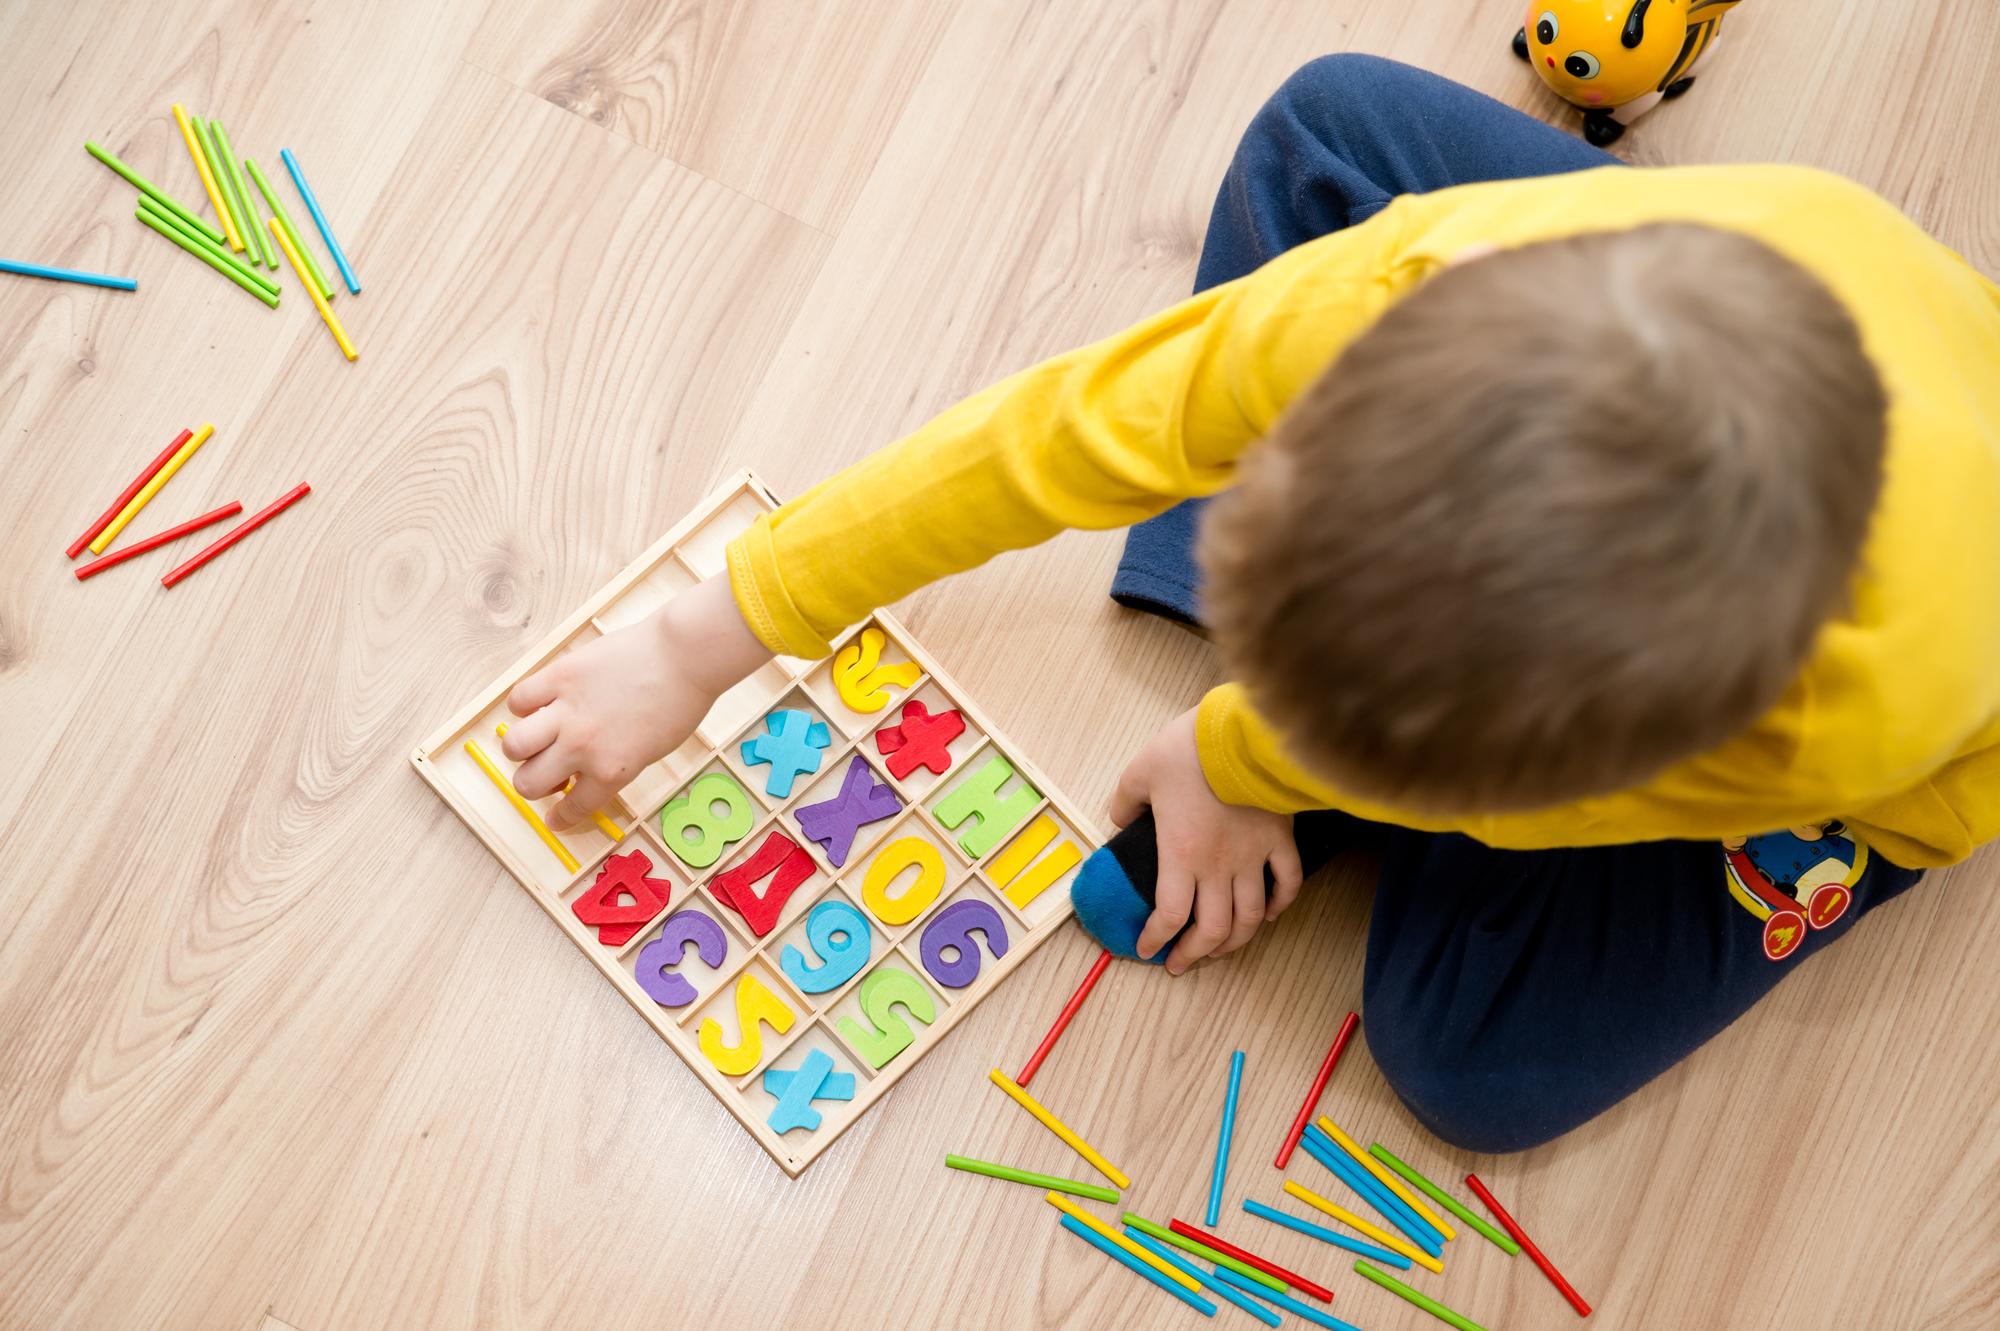 Un niño pequeño que juega con un sistema de conteo coloreado en el suelo.